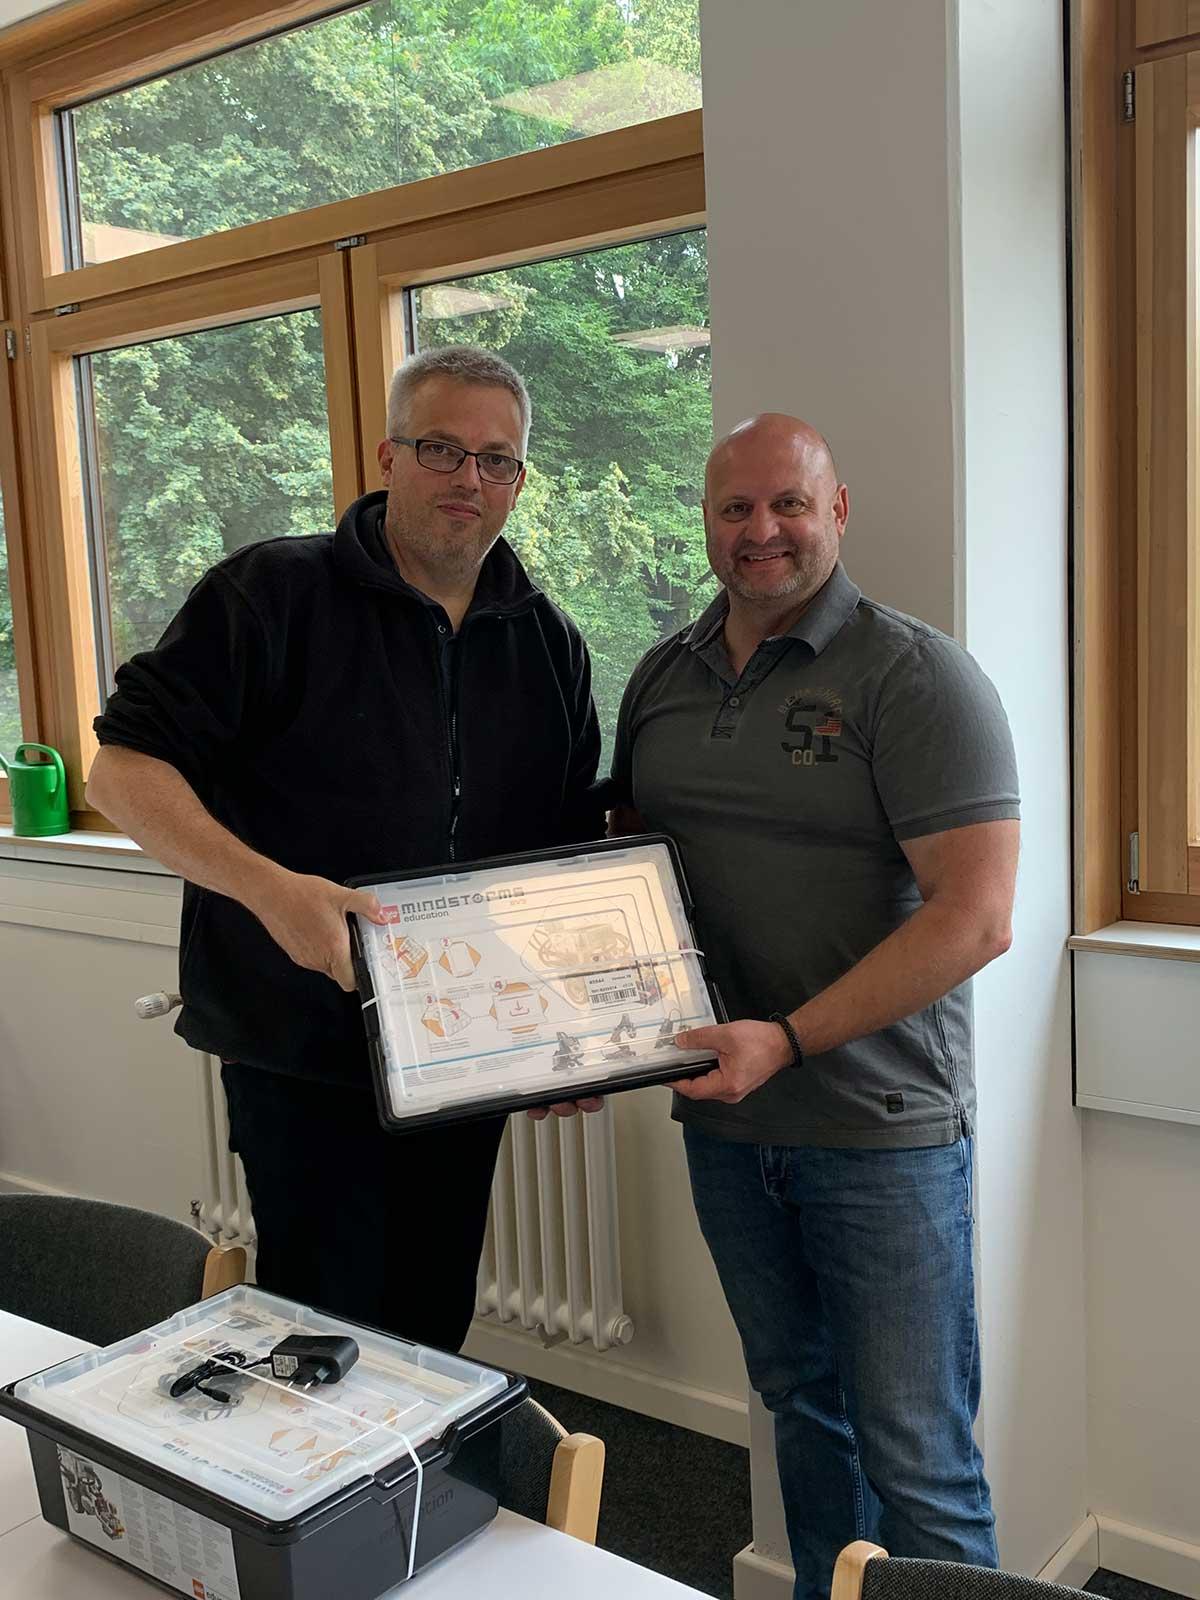 Durch die erfolgreiche Teilnahme von Rebekka Behrmann an Jugend Forscht wurde der Wilhelm Focke Oberschule der diesjährigen Schulpreis überreicht.